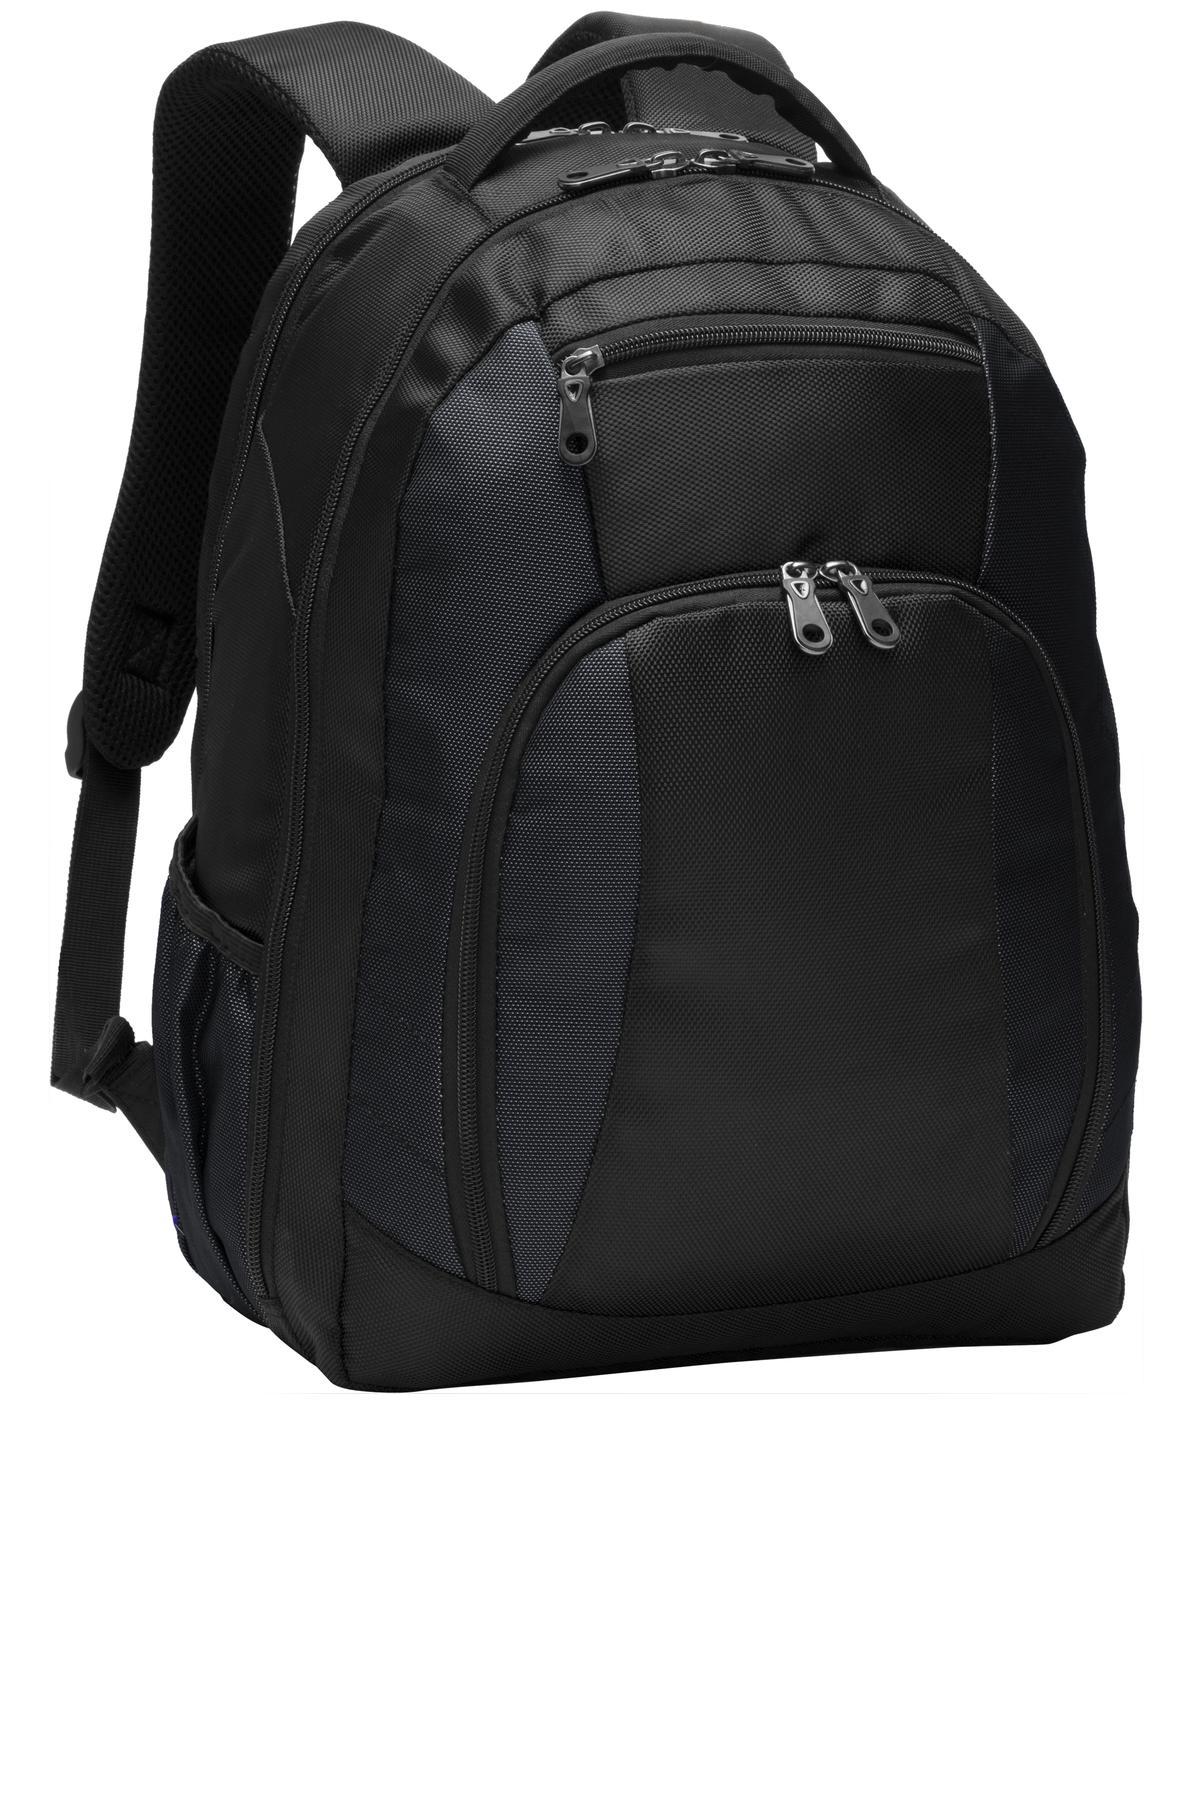 Port Authority  BG205 - Commuter Backpack